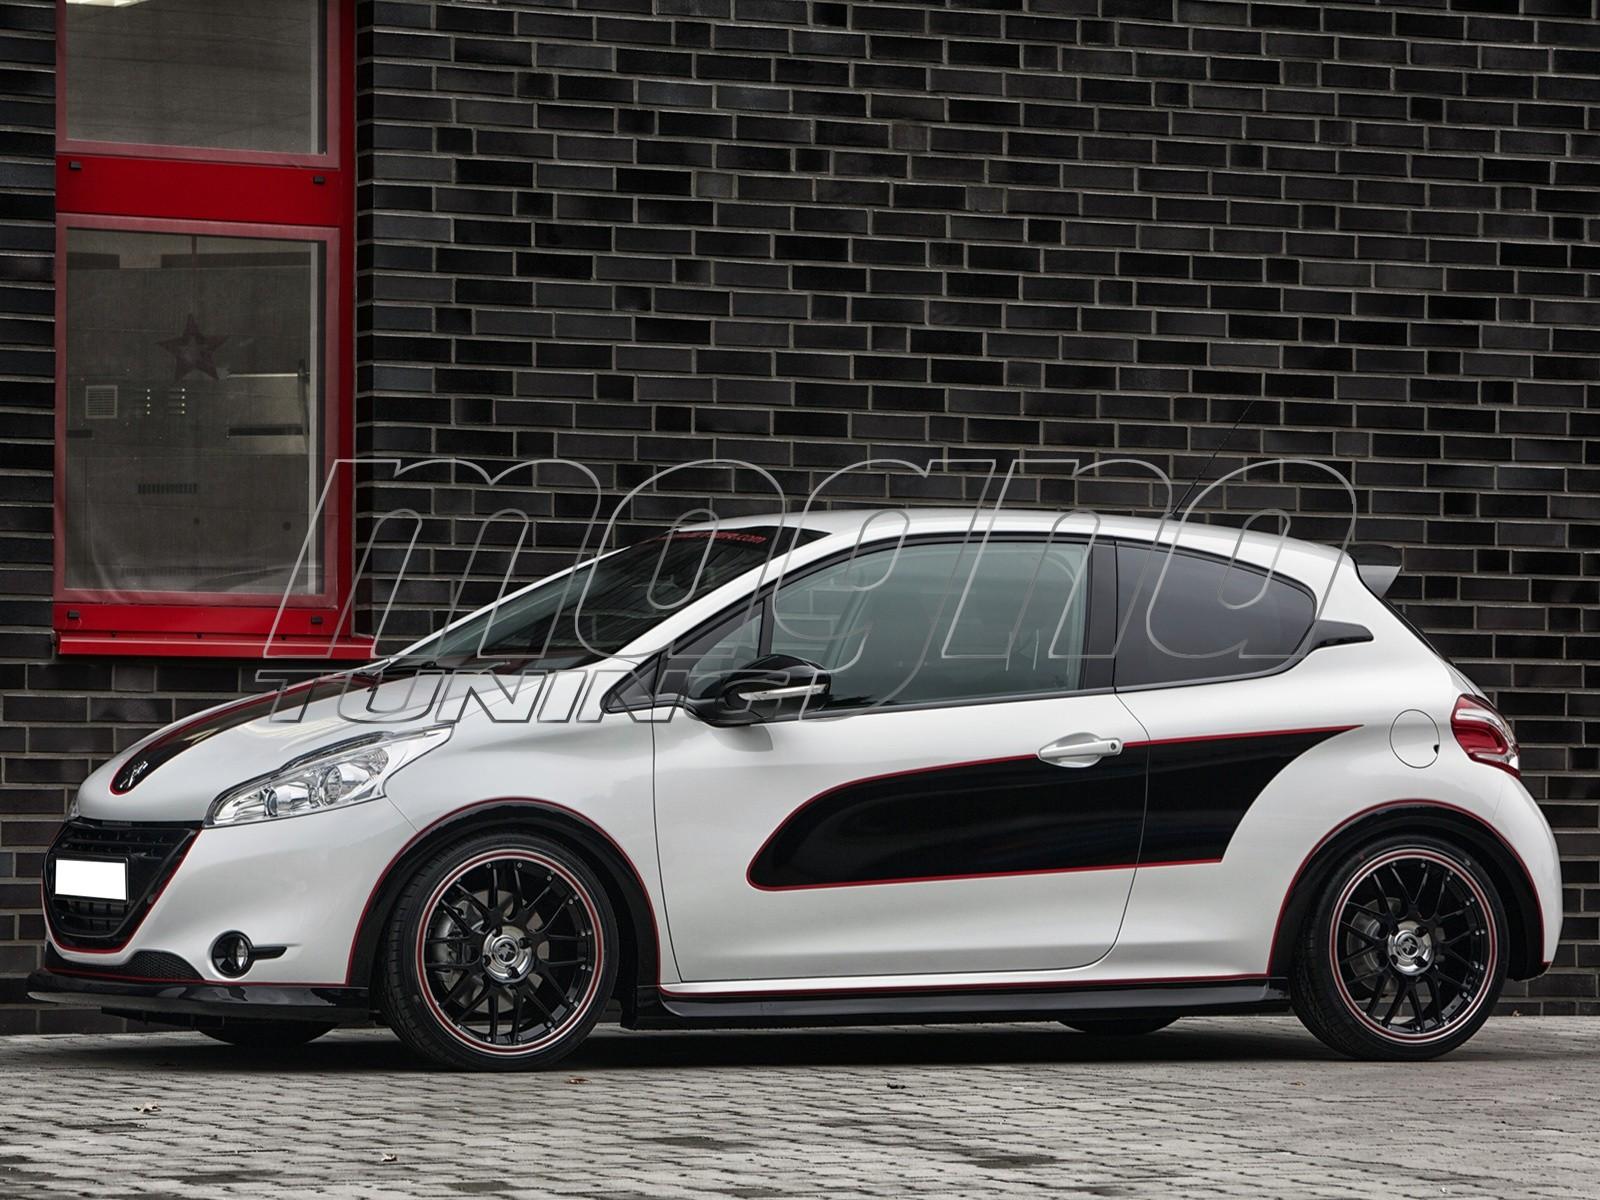 Peugeot 208 Body Kit Mystic